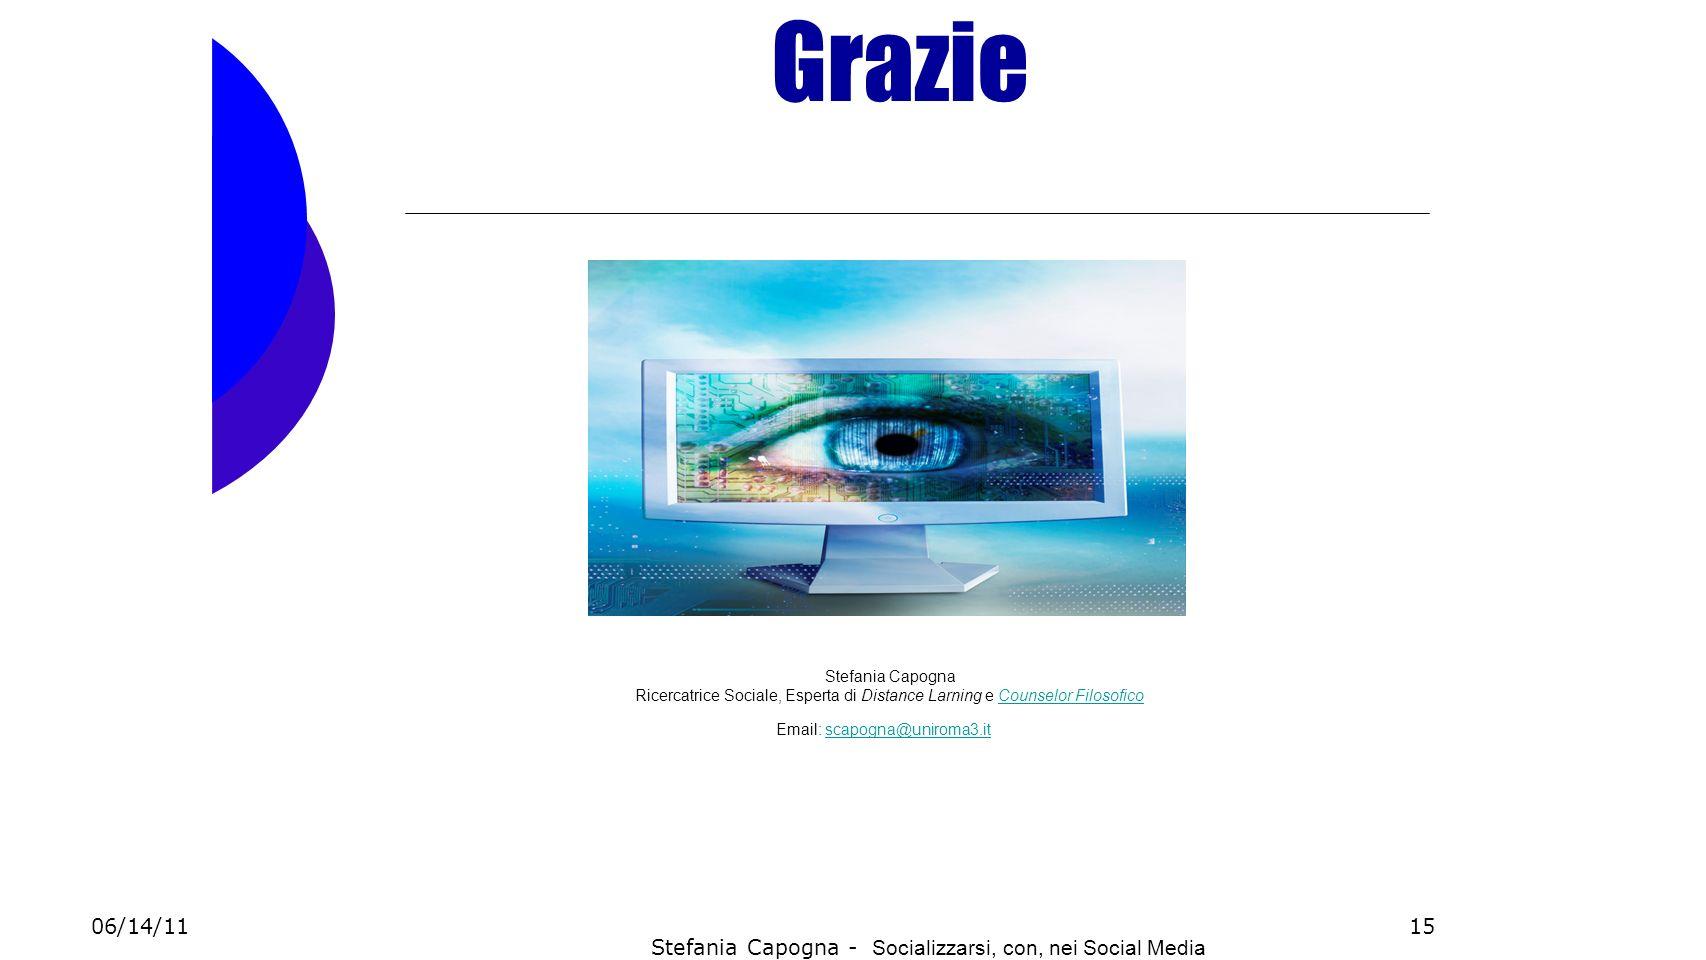 15 22 Grazie 06/14/11 Stefania Capogna - Socializzarsi, con, nei Social Media Stefania Capogna Ricercatrice Sociale, Esperta di Distance Larning e Cou